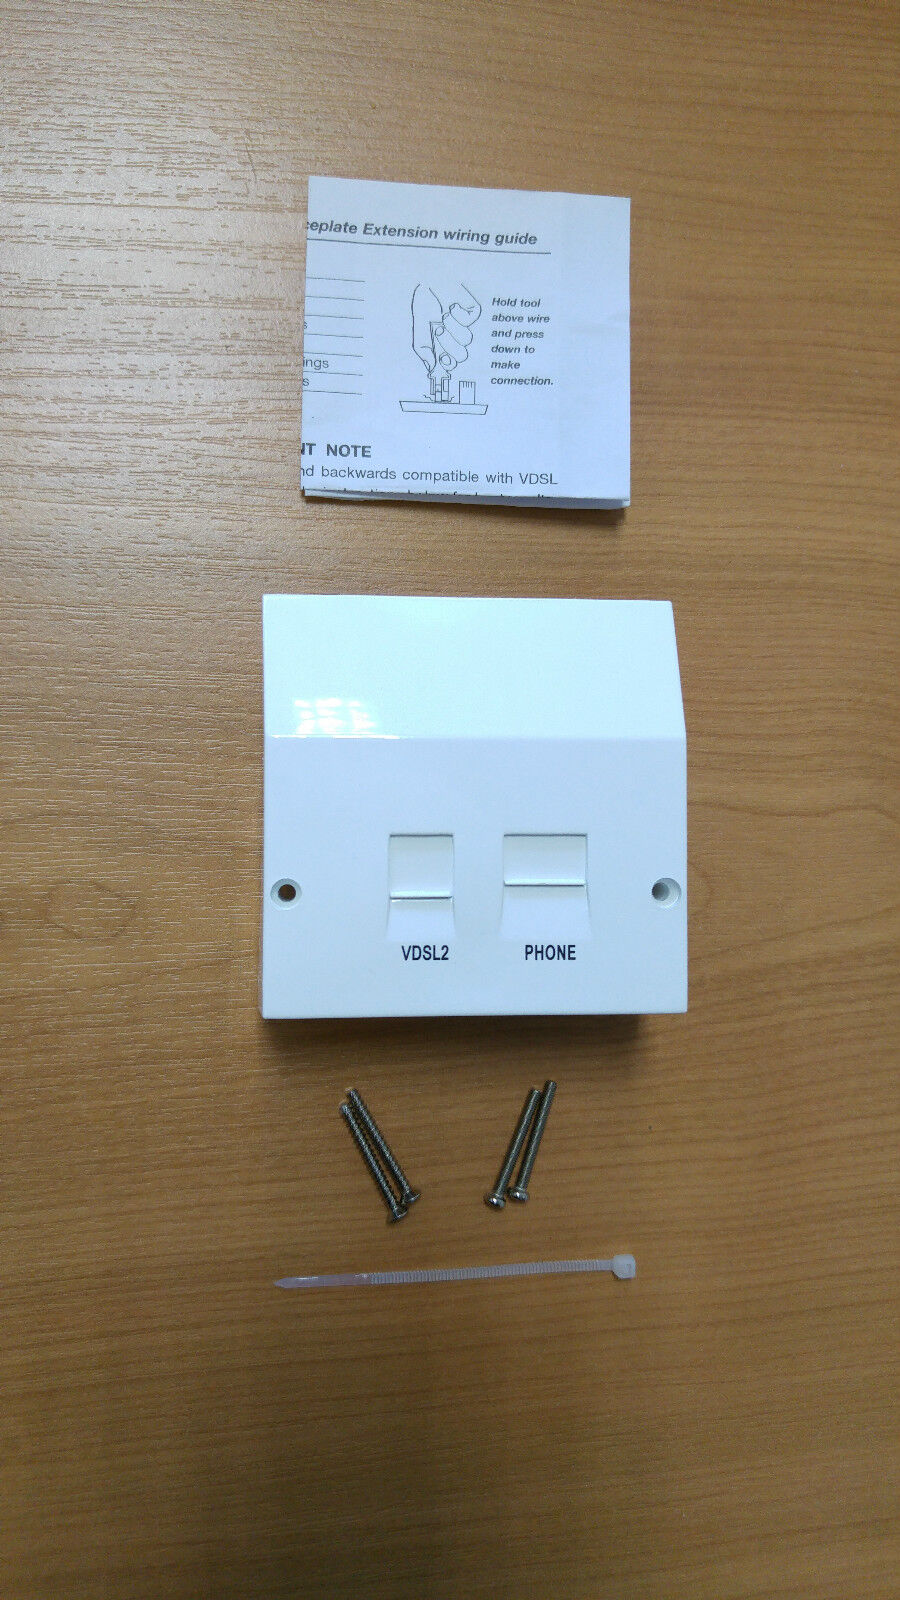 Plusnet Bt Vdsl2 High Speed Fibre Broadband Filter Cover 4 Nte5 Wiring Master Box Of 6 Socket 5